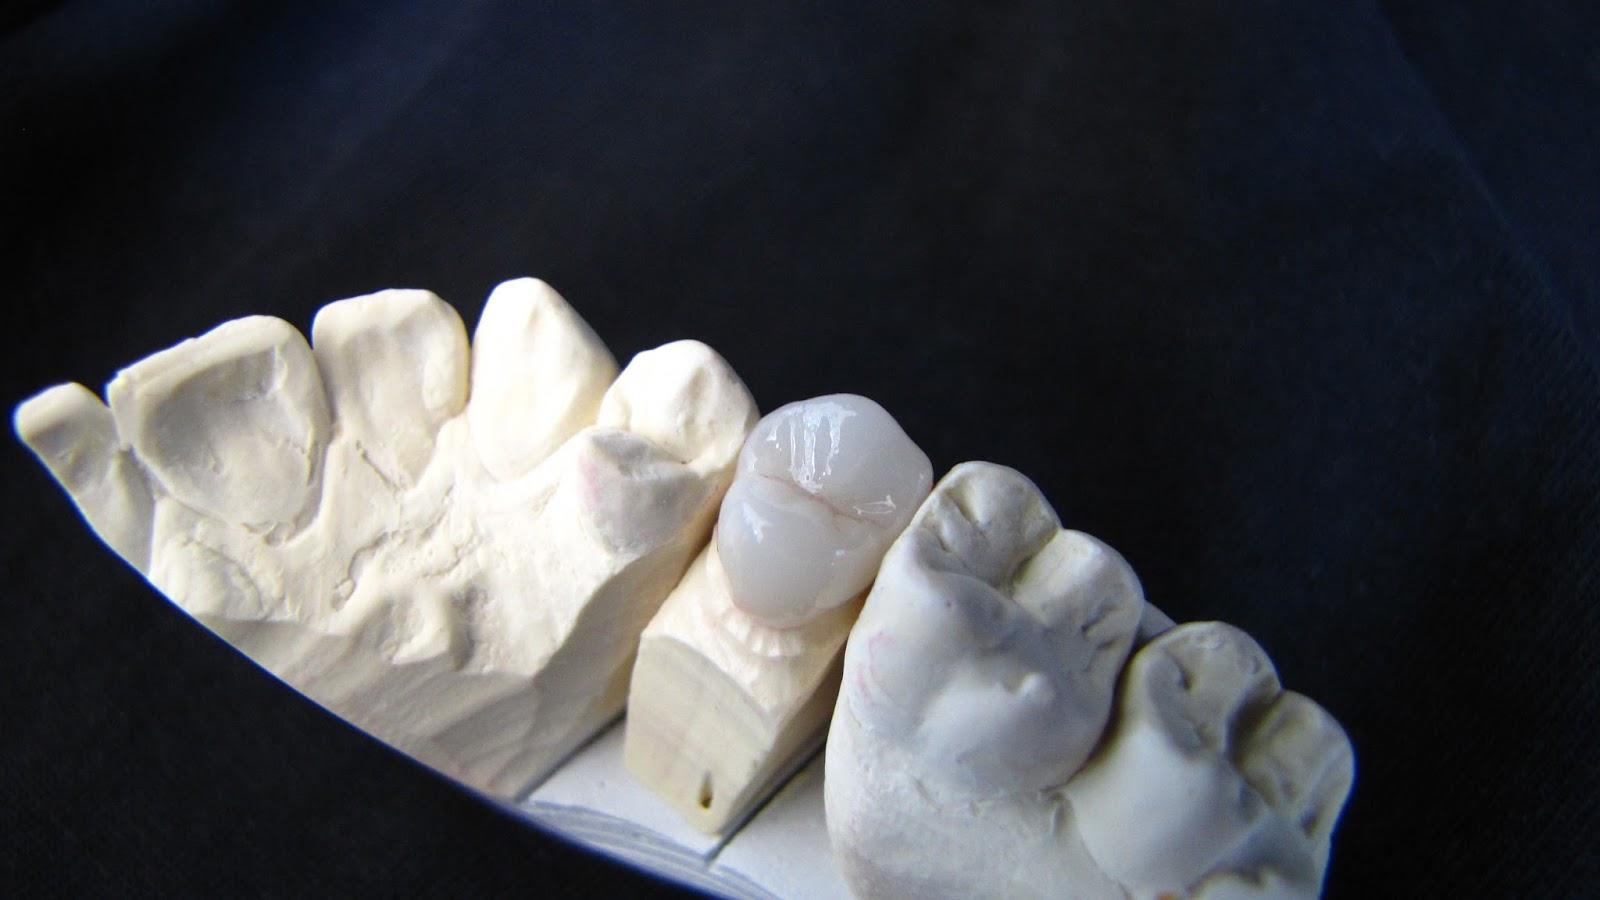 prothesiste dentaire en martinique 97212 saint joseph en martinique   laboratoire prothesiste larcher jose  fabrication de matériel médico-chirurgical et dentaire (3250a) 97180 sainte anne en .